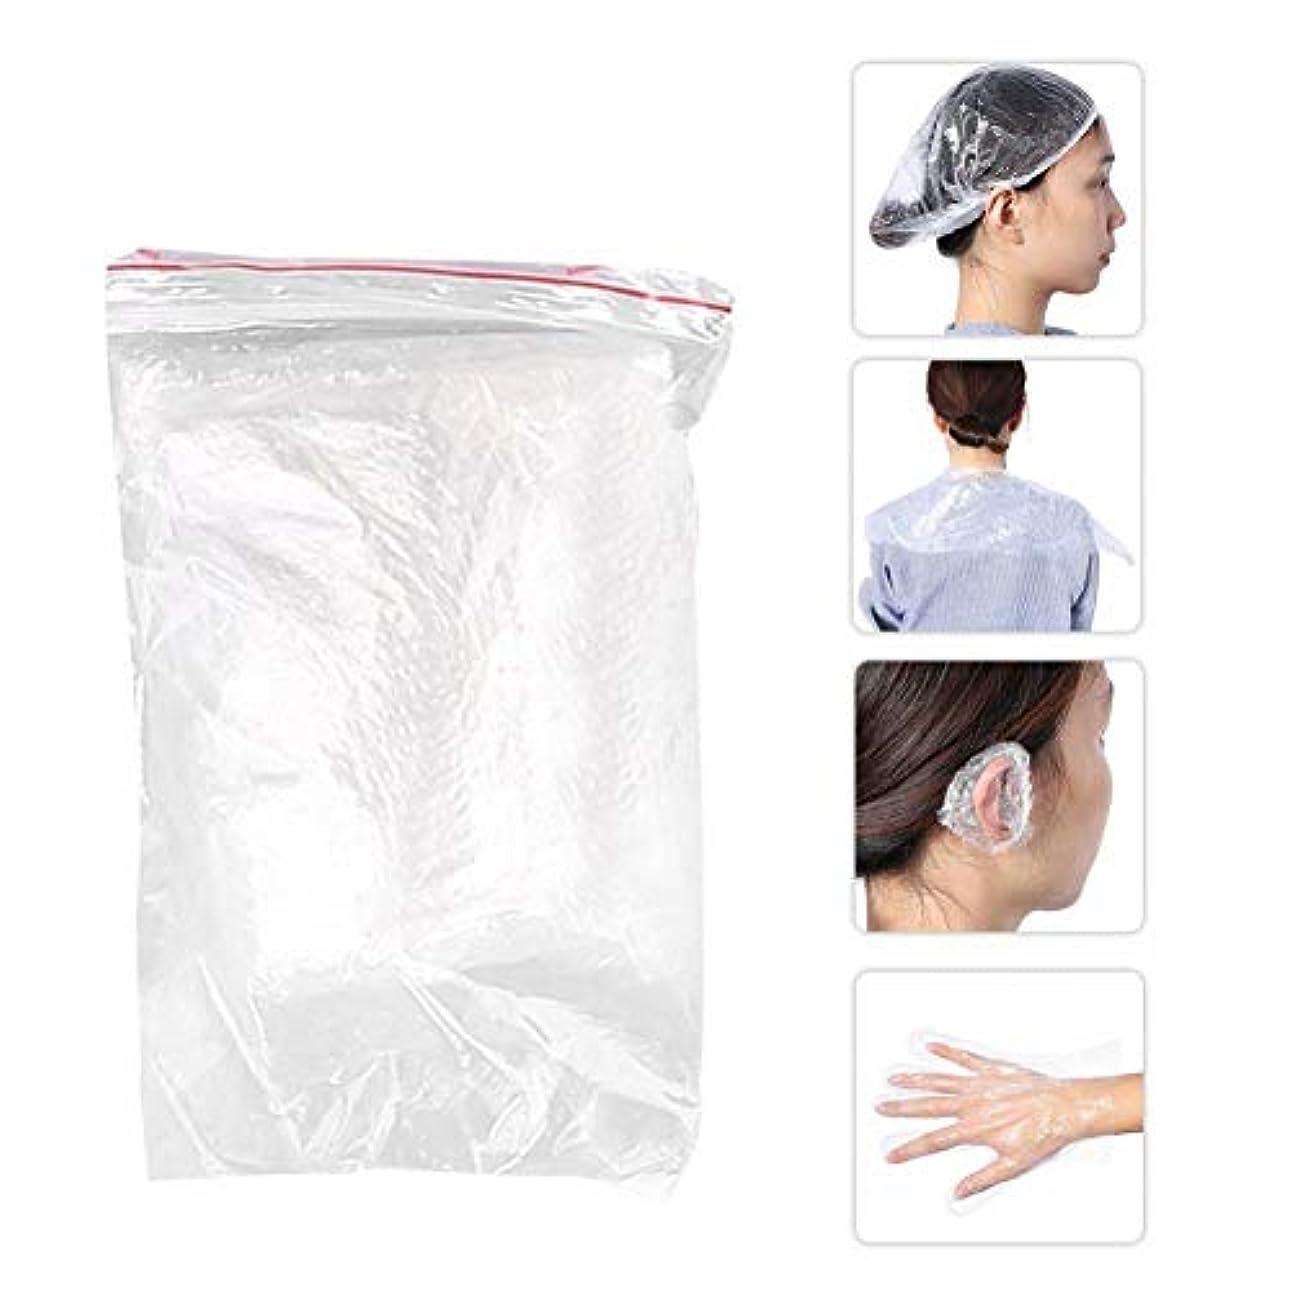 折フレット原理美容用品毛染めツール ショールイヤーマフ手袋シャワーキャップ10セット使い捨てサロン シャワーキャップ耳カバー手袋